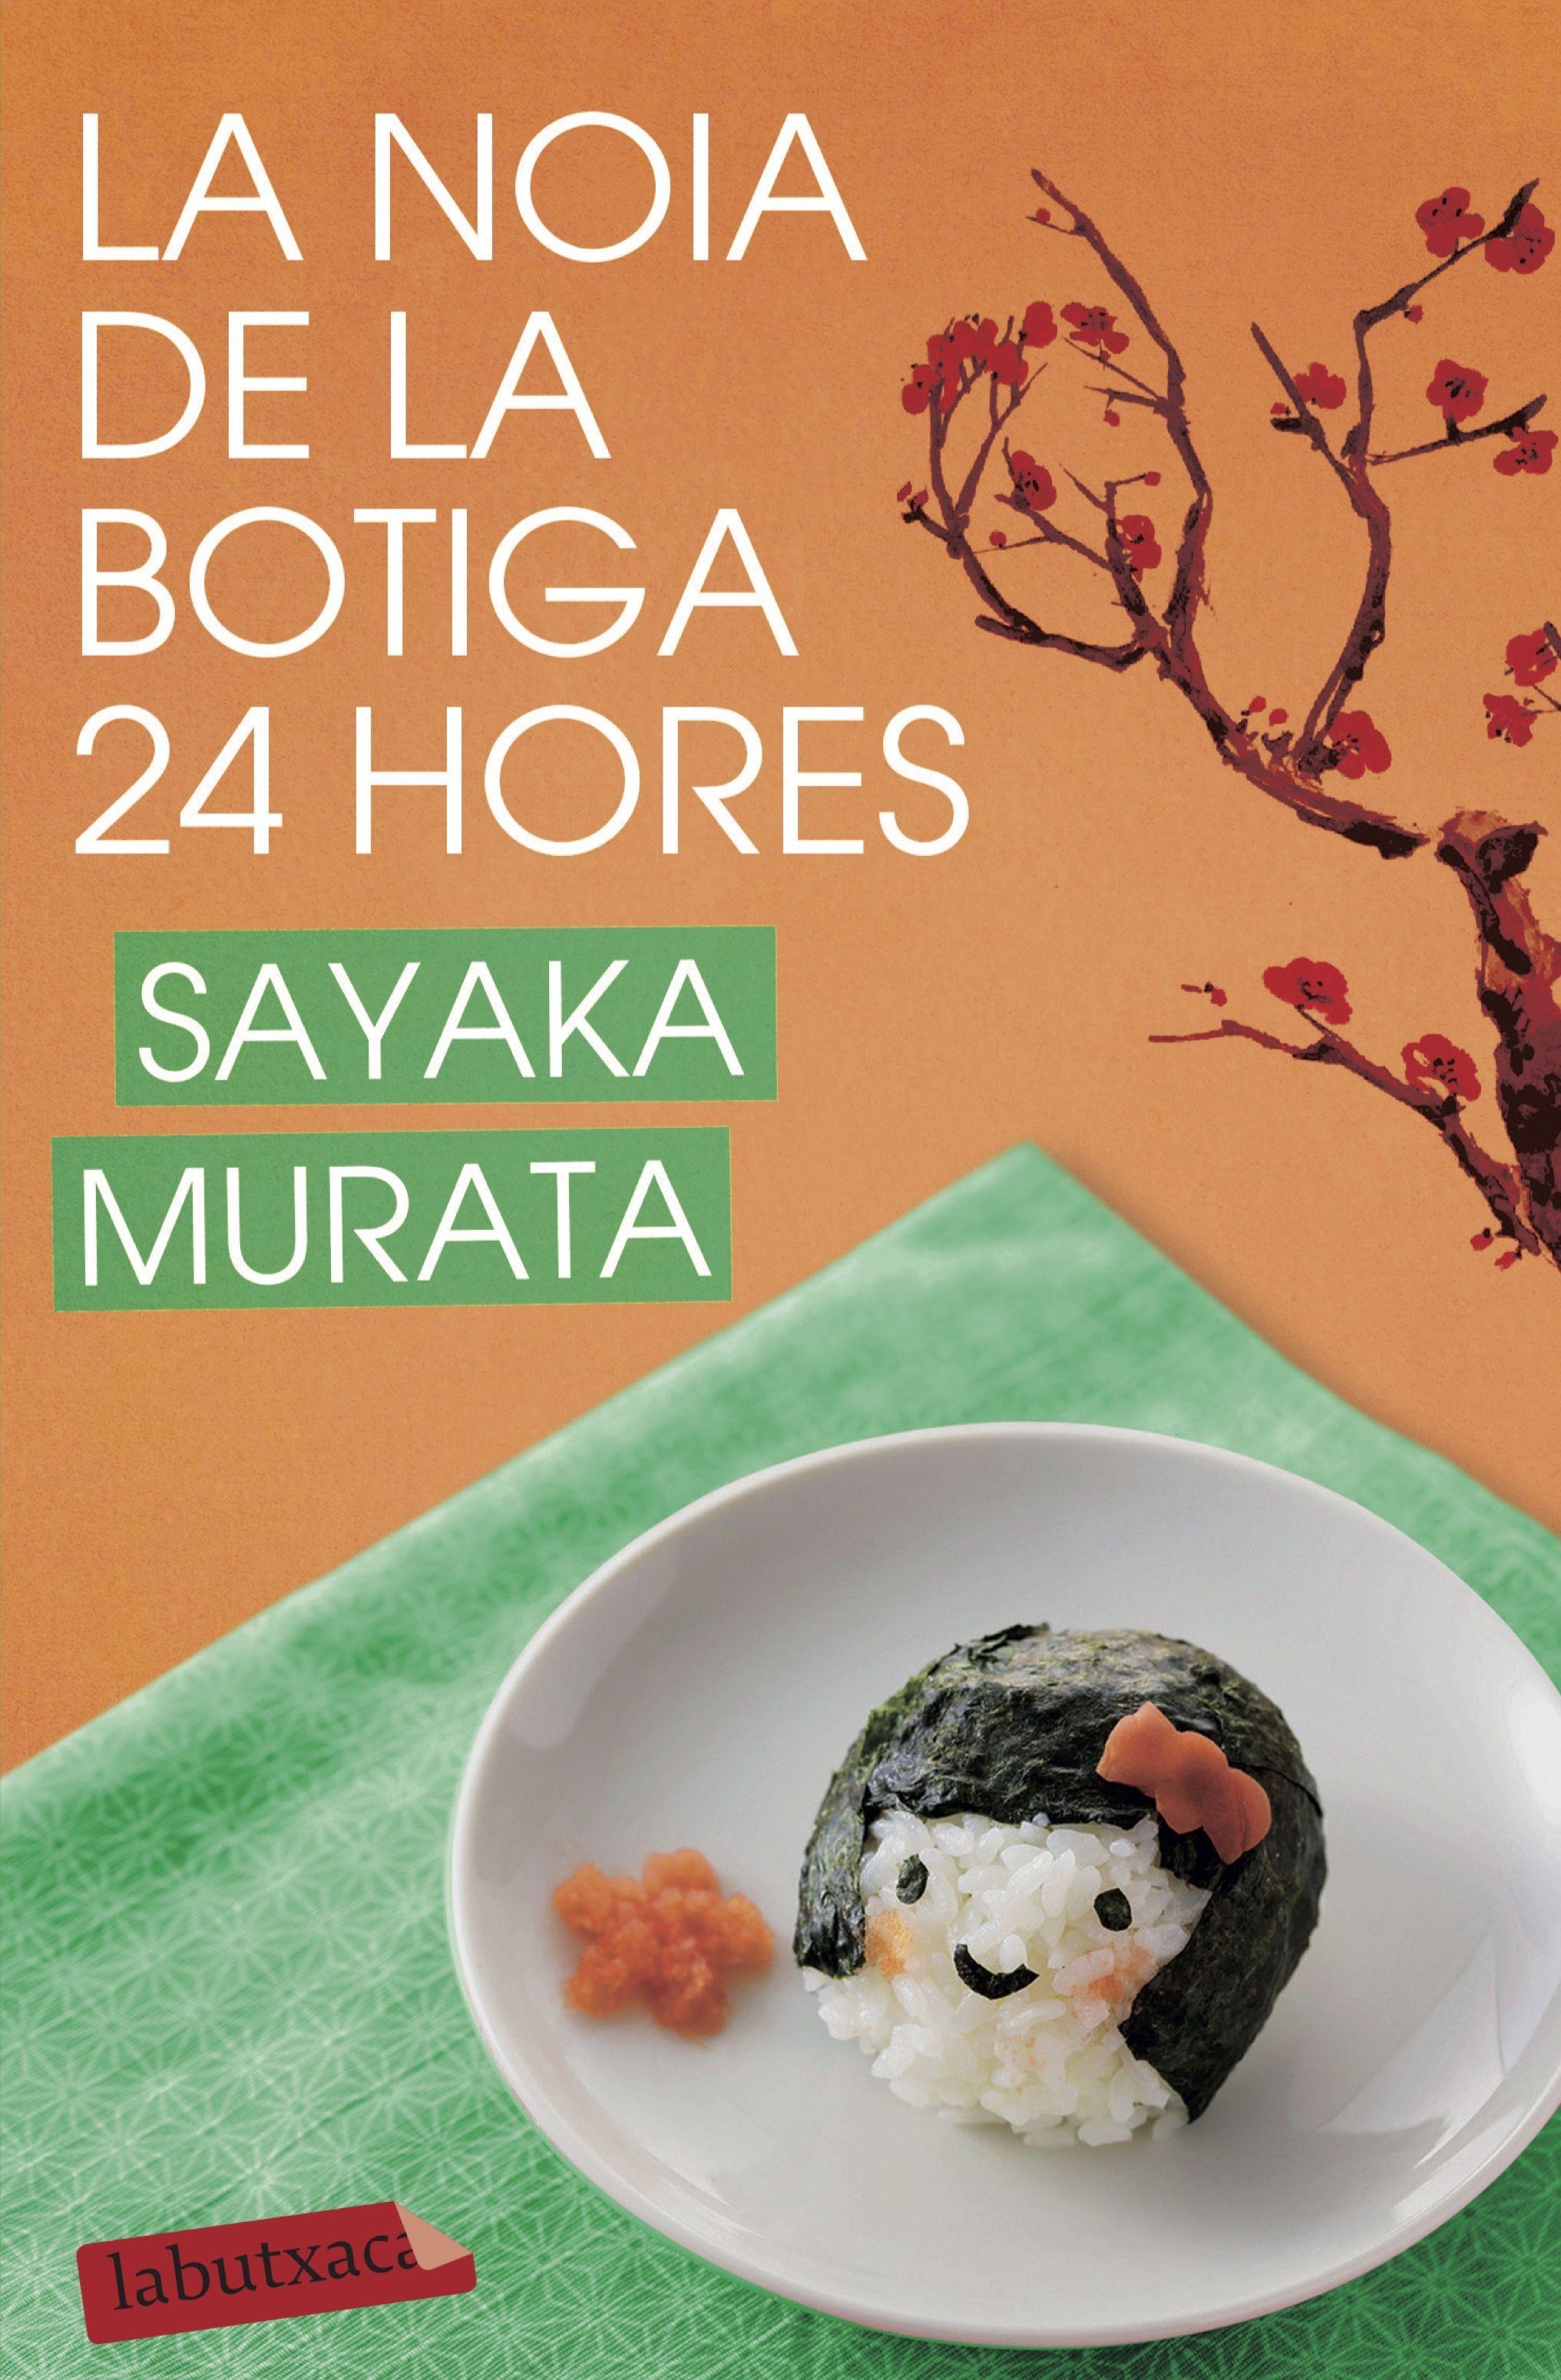 NOIA DE LA BOTIGA 24 HORES LA